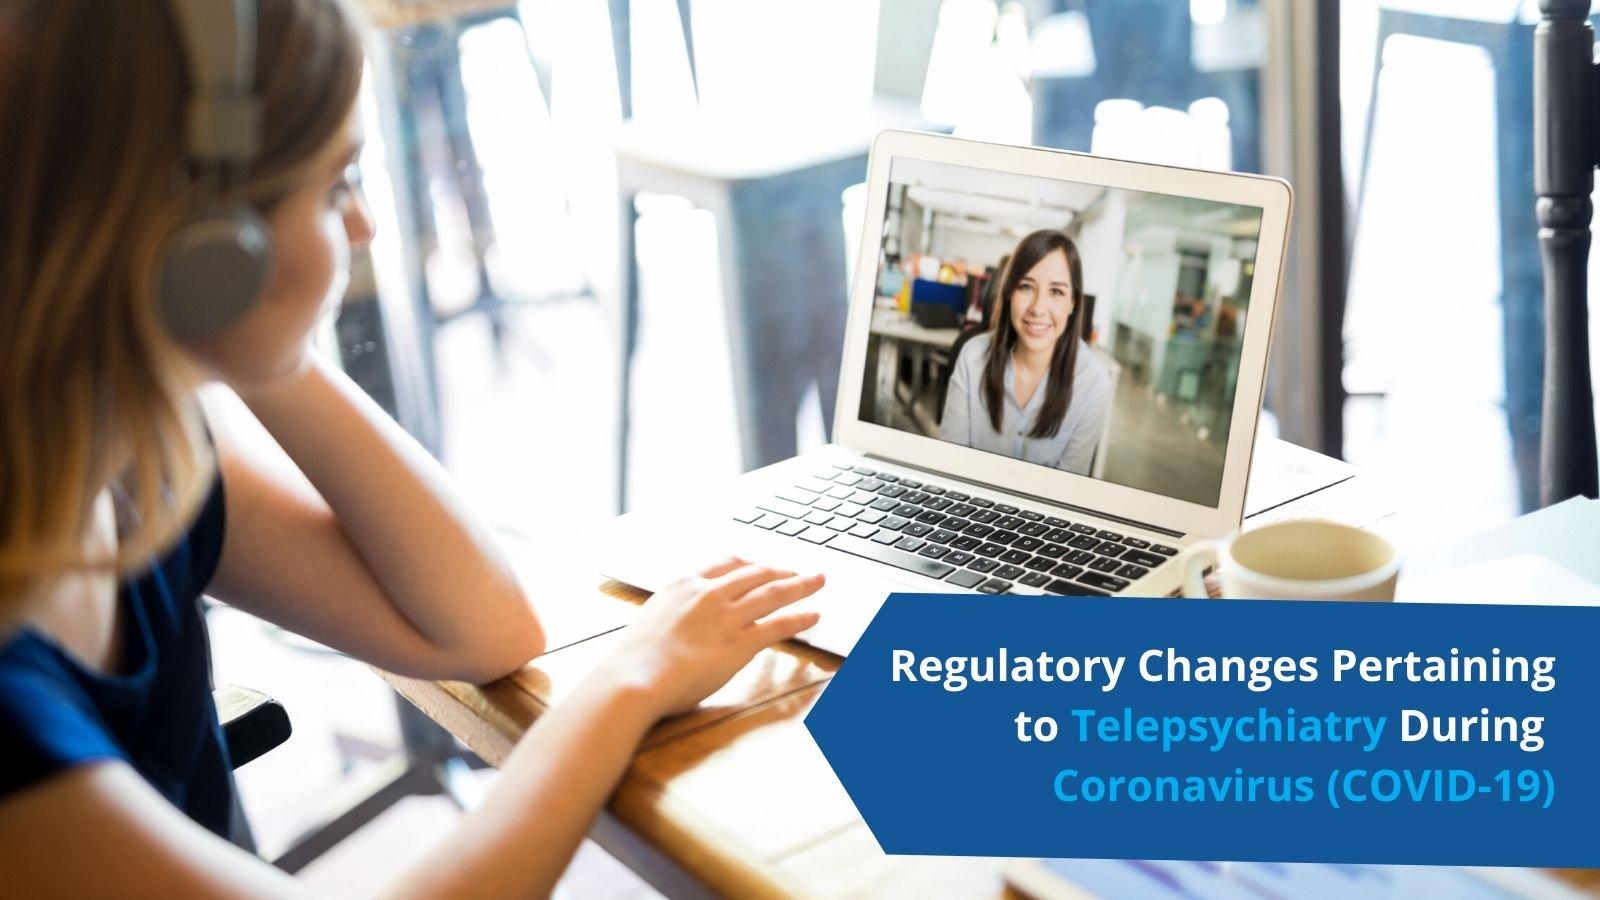 girl-watching-therapist-on-laptop-regulatory-changes-pertaining-to-telepsychiatry-during-coronavirus